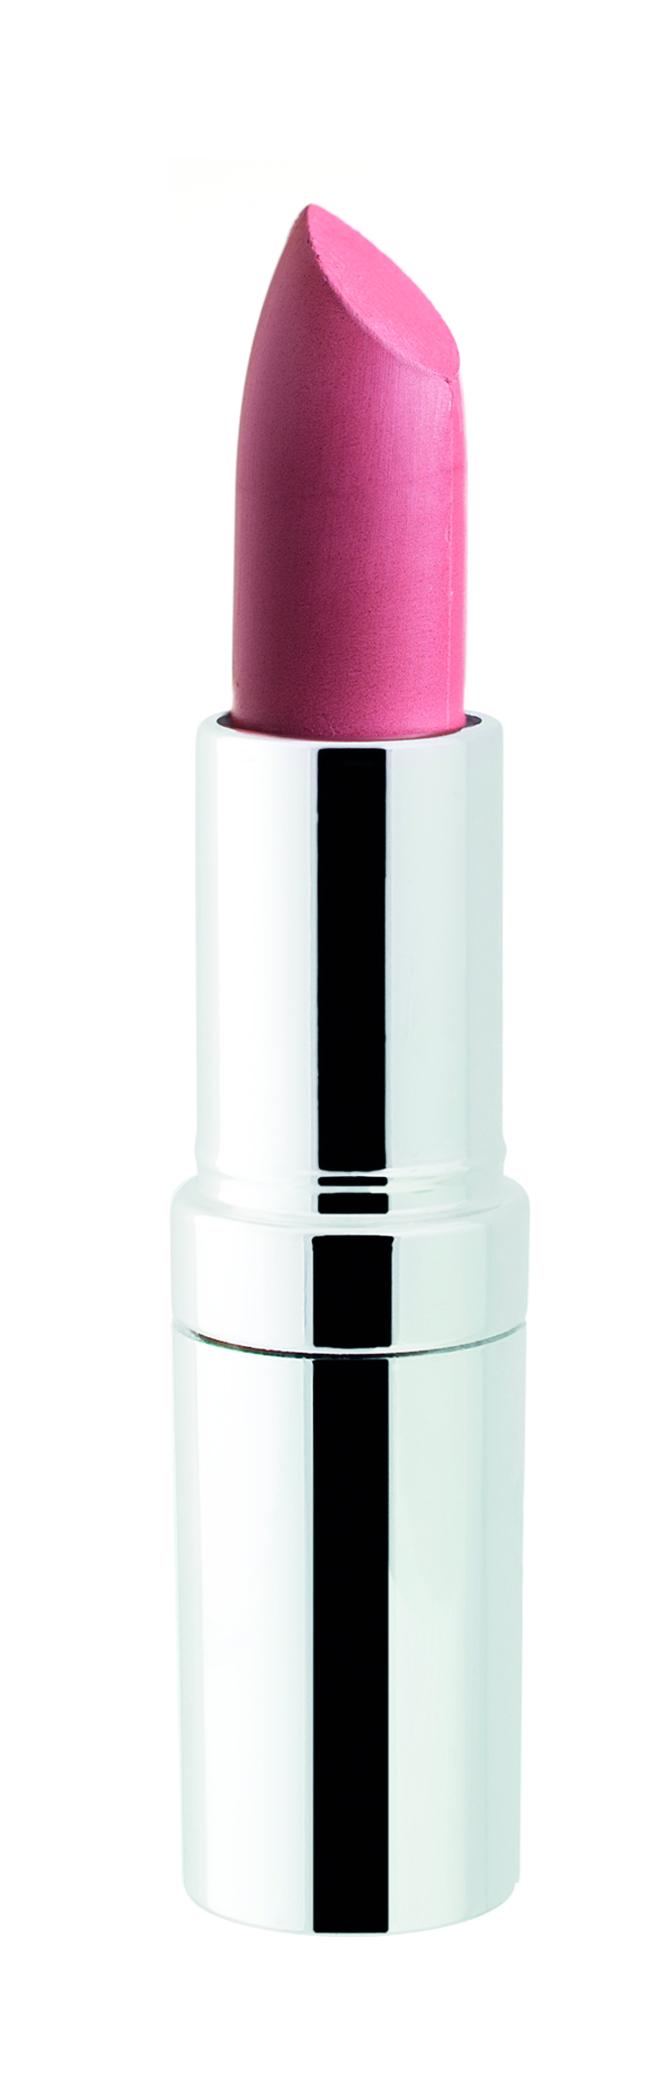 SEVENTEEN Помада губная устойчивая матовая SPF 15, 19 весенняя роза / Matte Lasting Lipstick 5 г